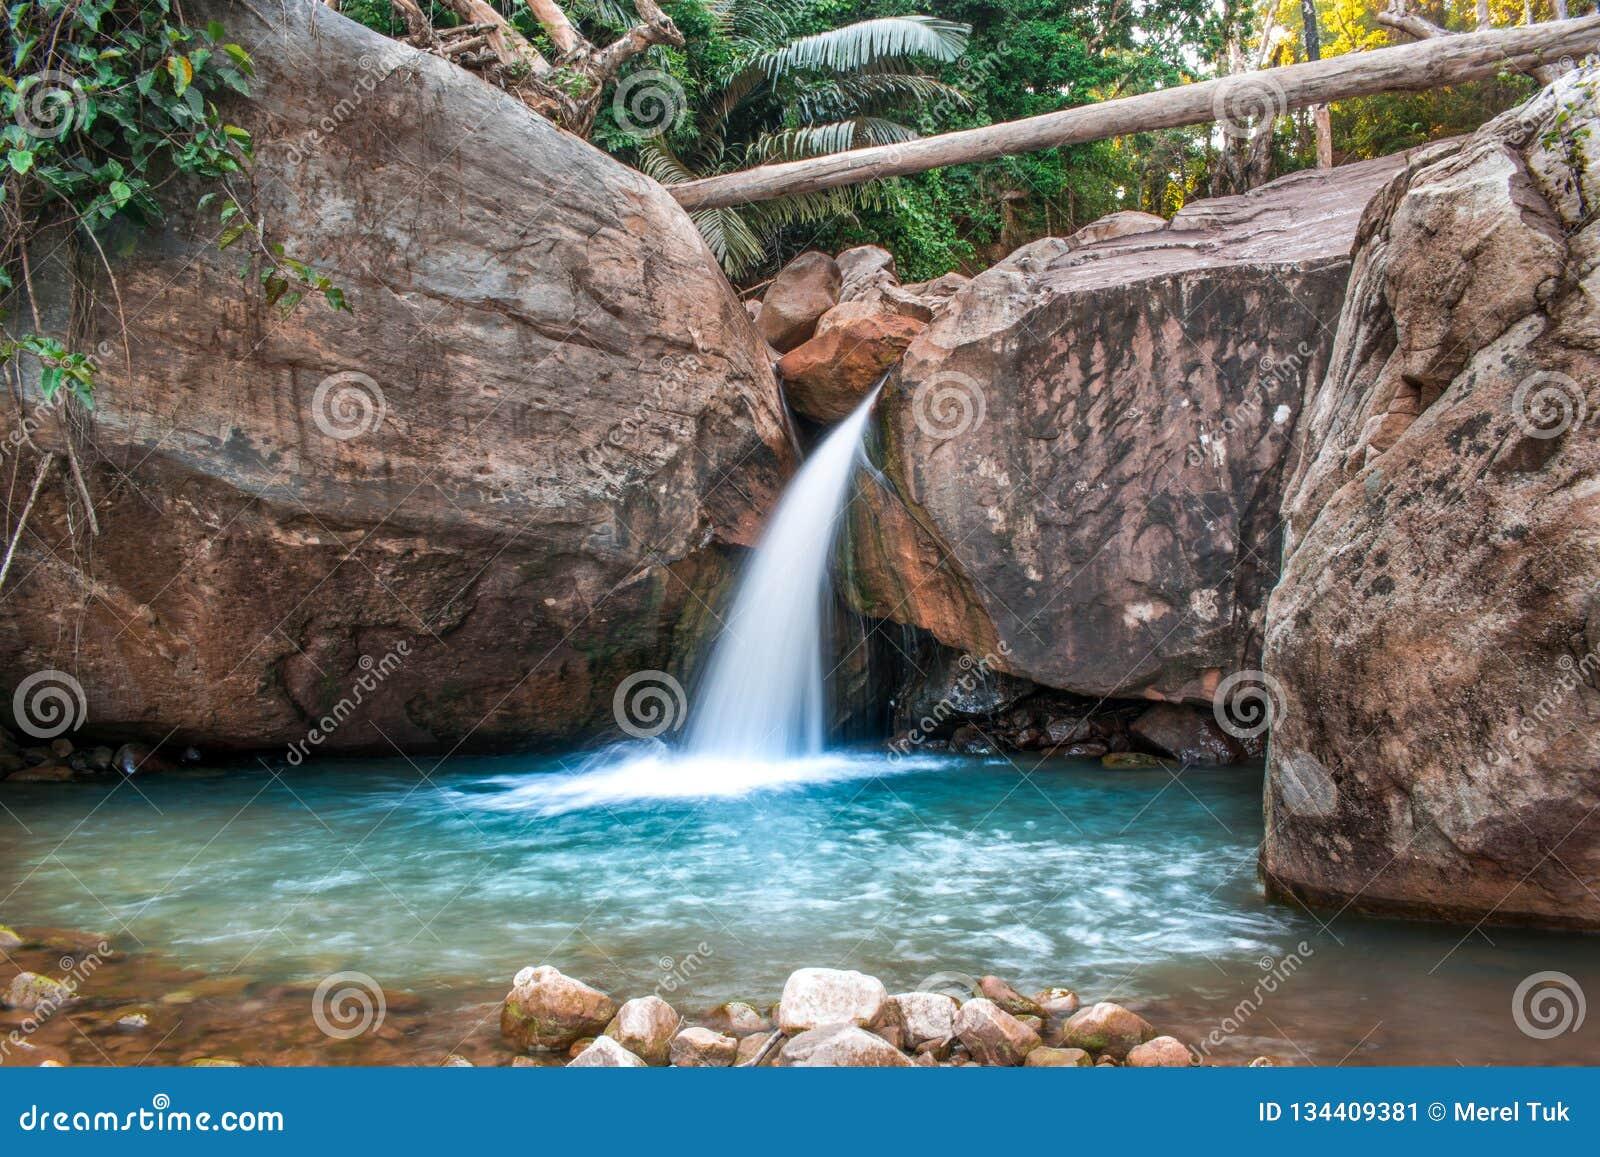 Piękna woda w Kambodża w Azja Południowo-Wschodnia